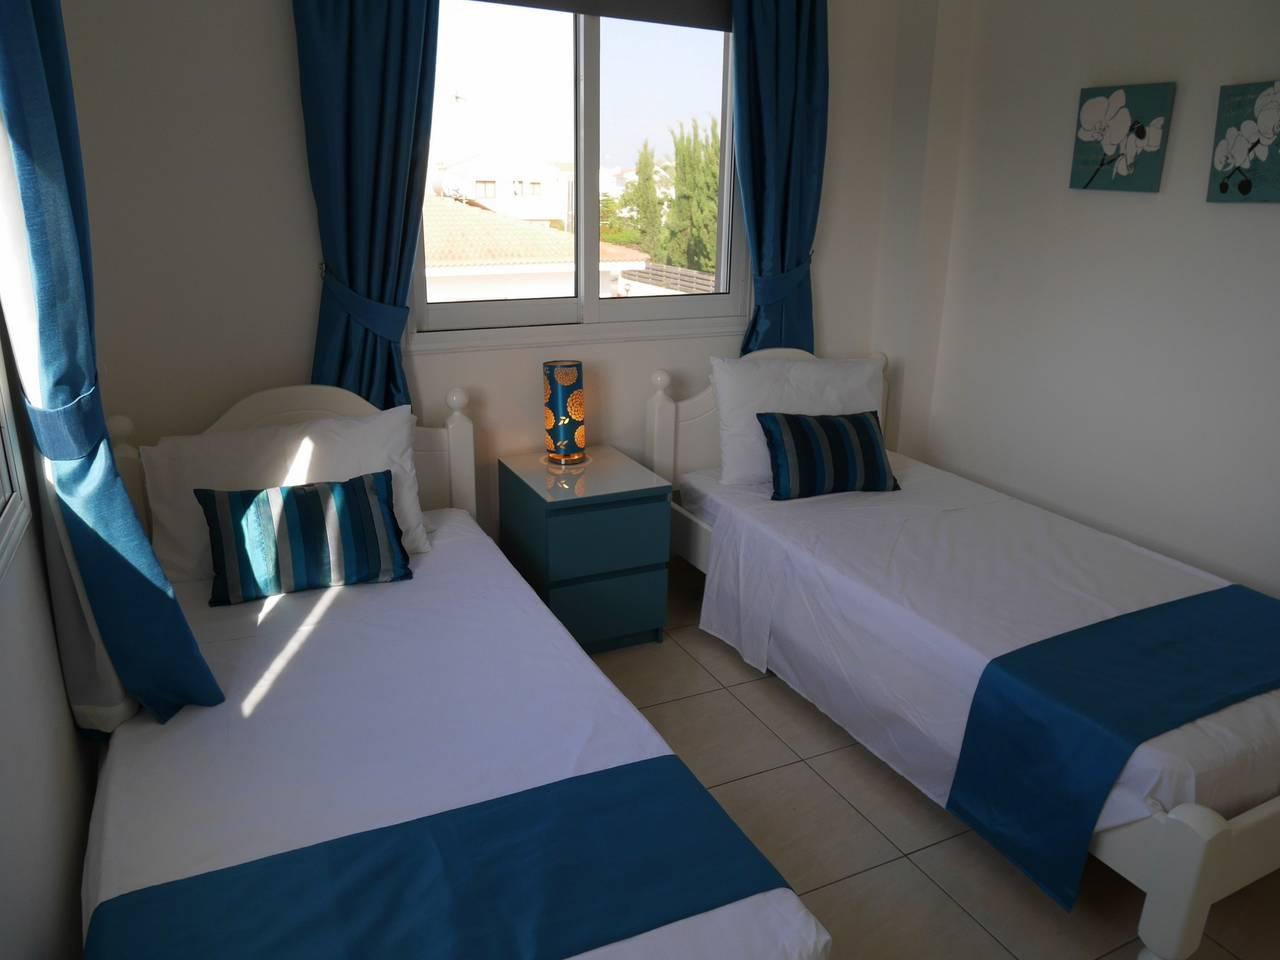 Apartment Villa Mon - 2 Bedroom Villa with Private Pool photo 25653810